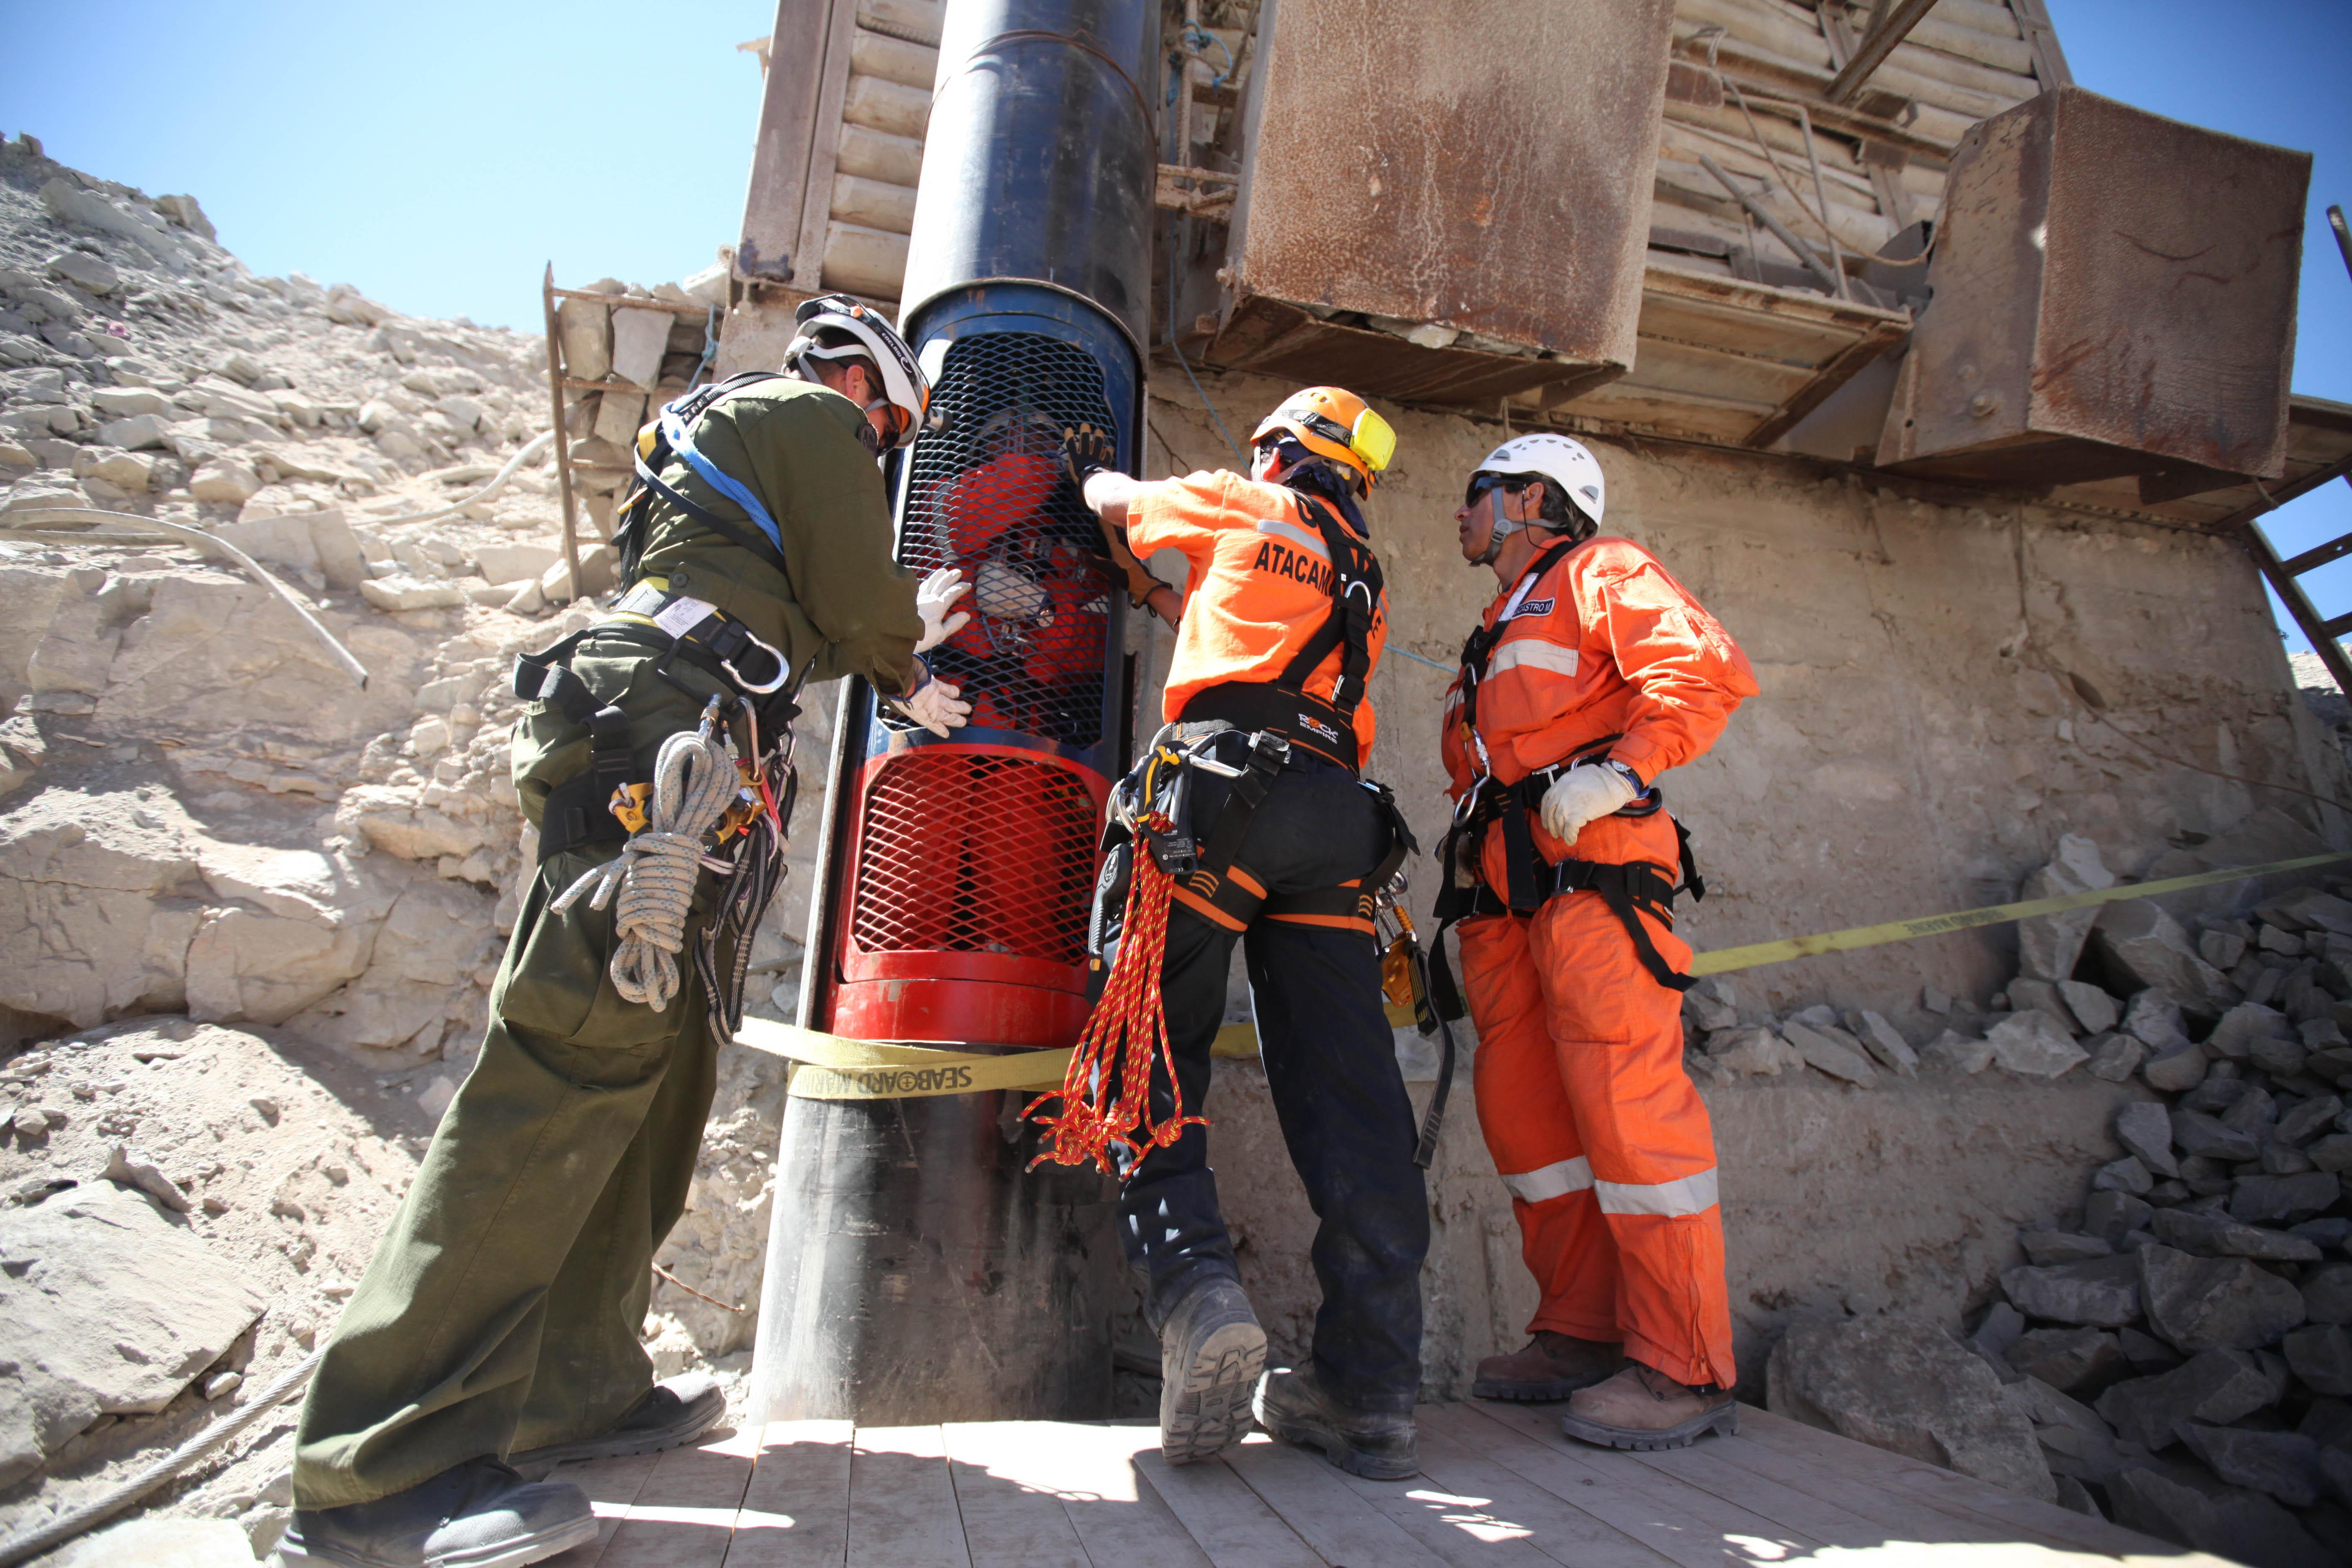 2010 Copiapó mining accident